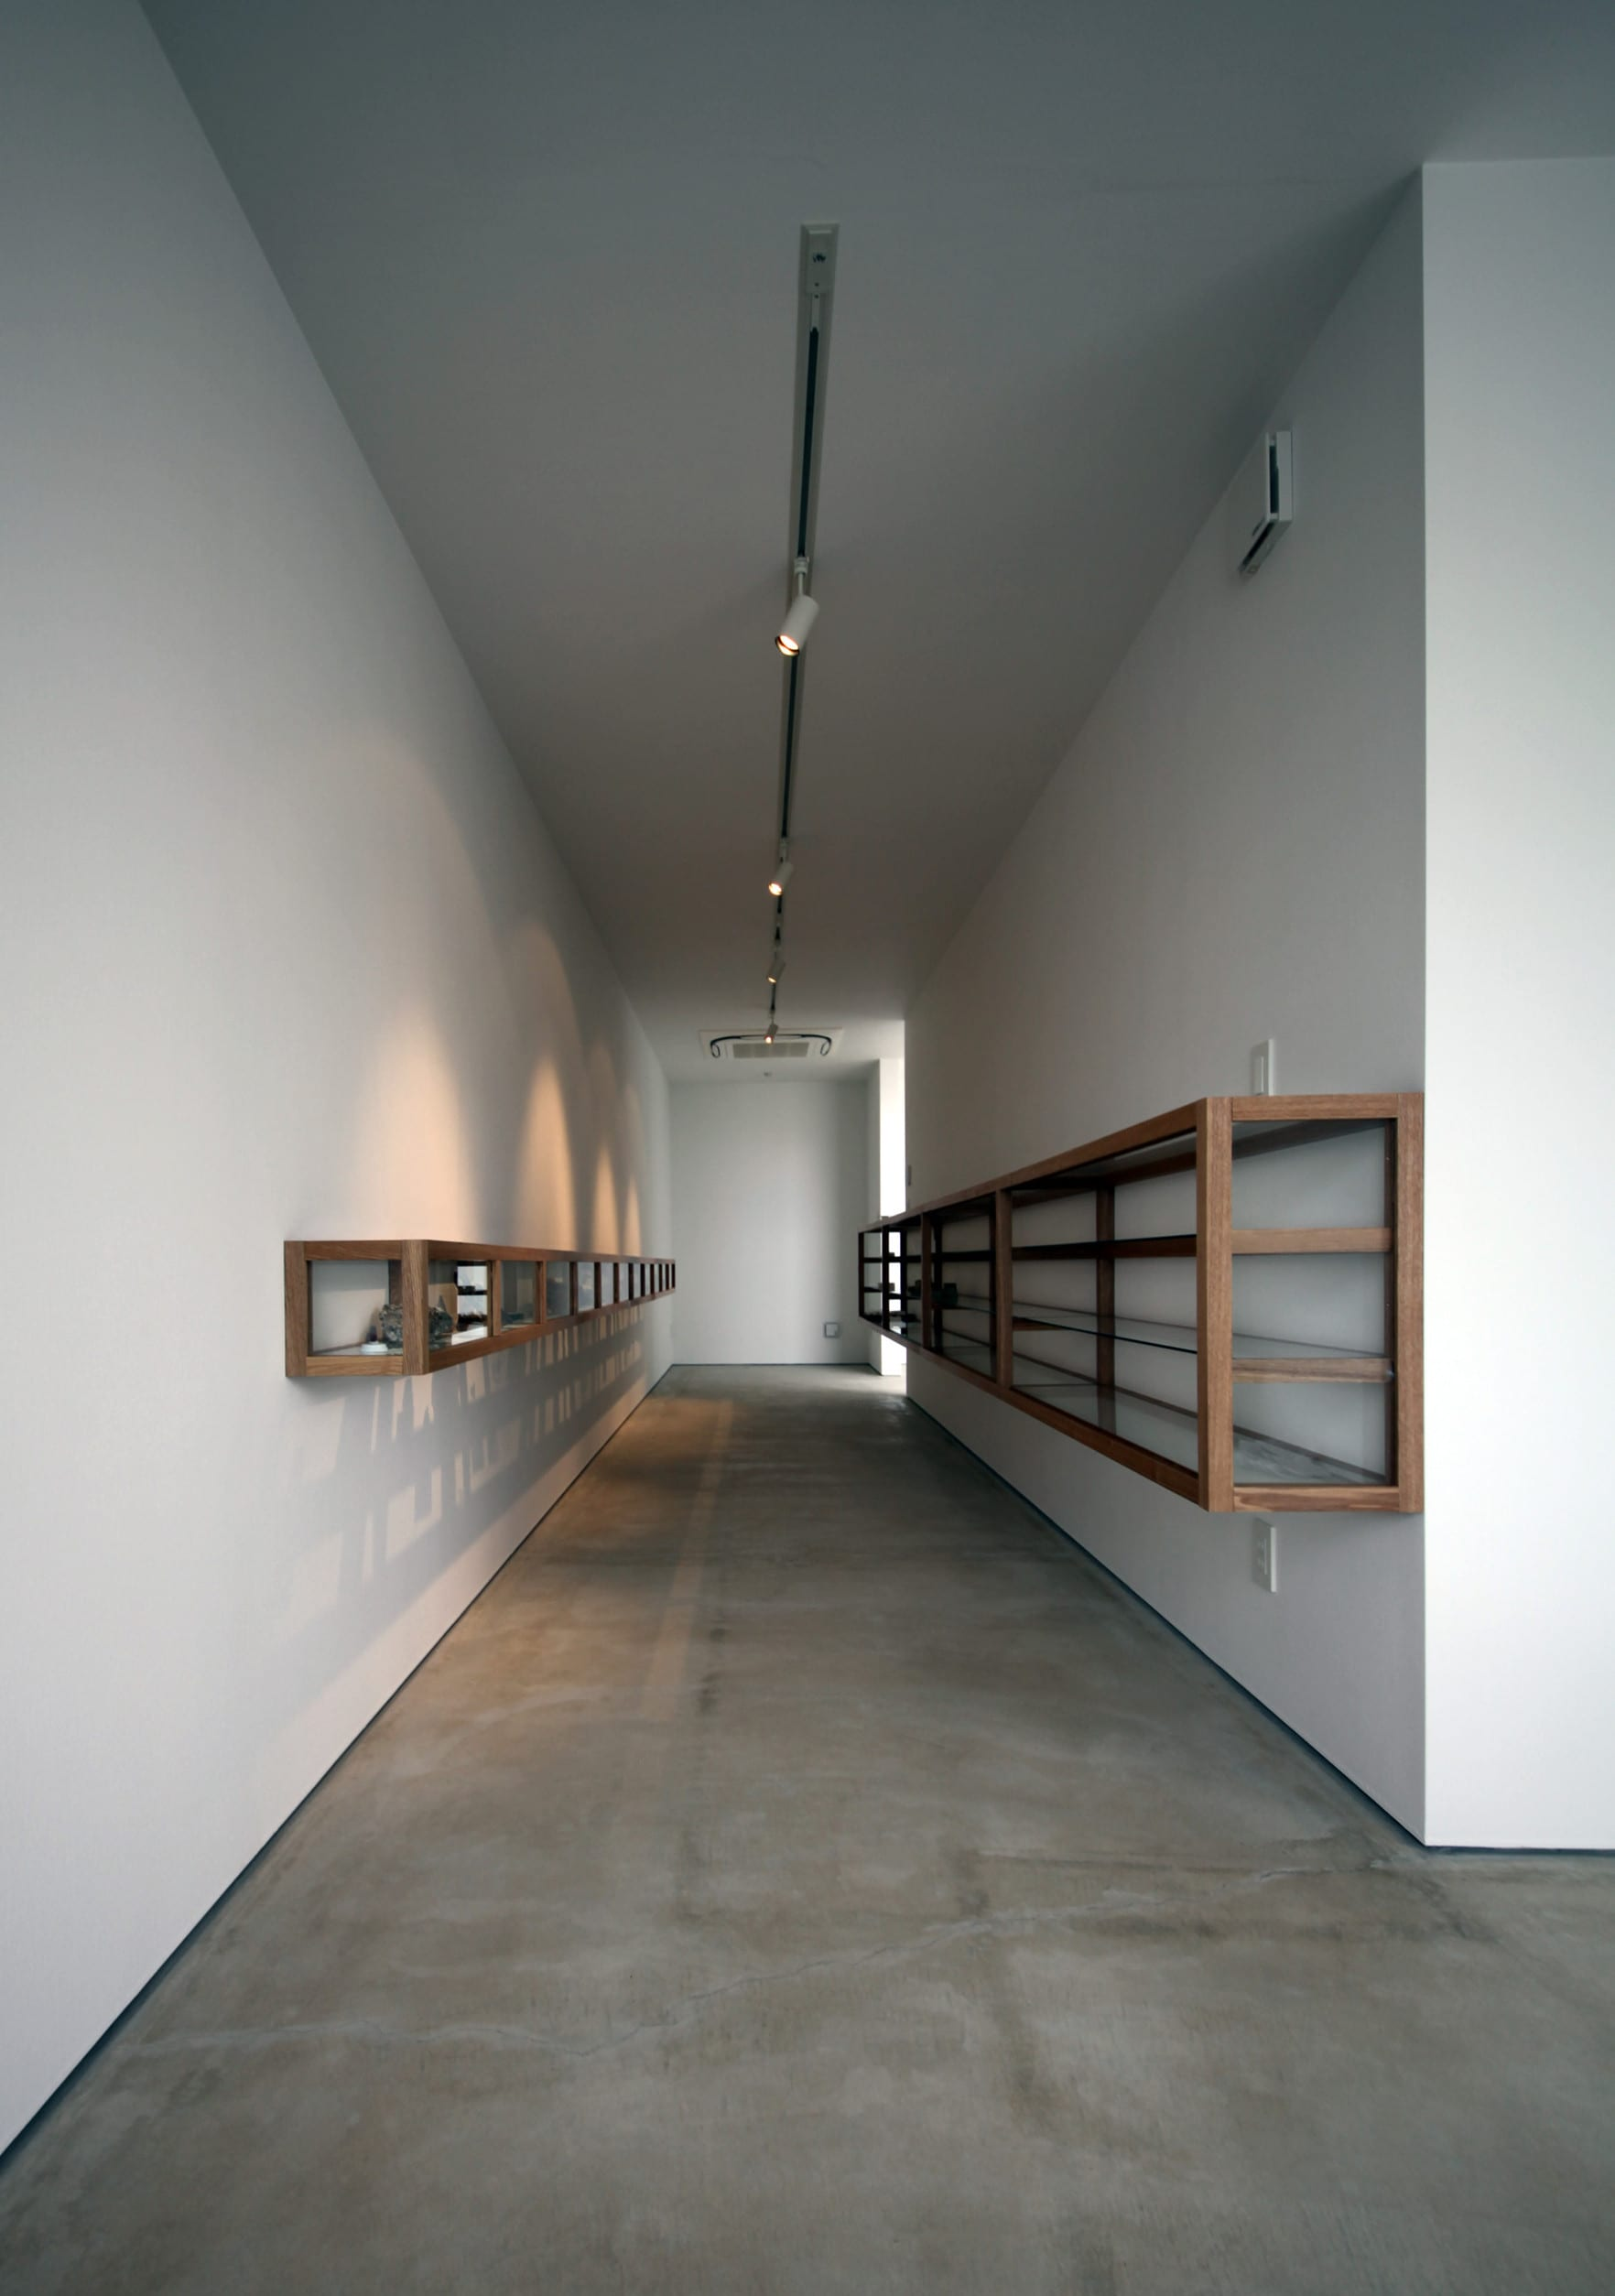 moderne raumgestaltung mit estrich als bodenbelag und weiße wänden mit wandhängende holzregalen mit glasvitrinen